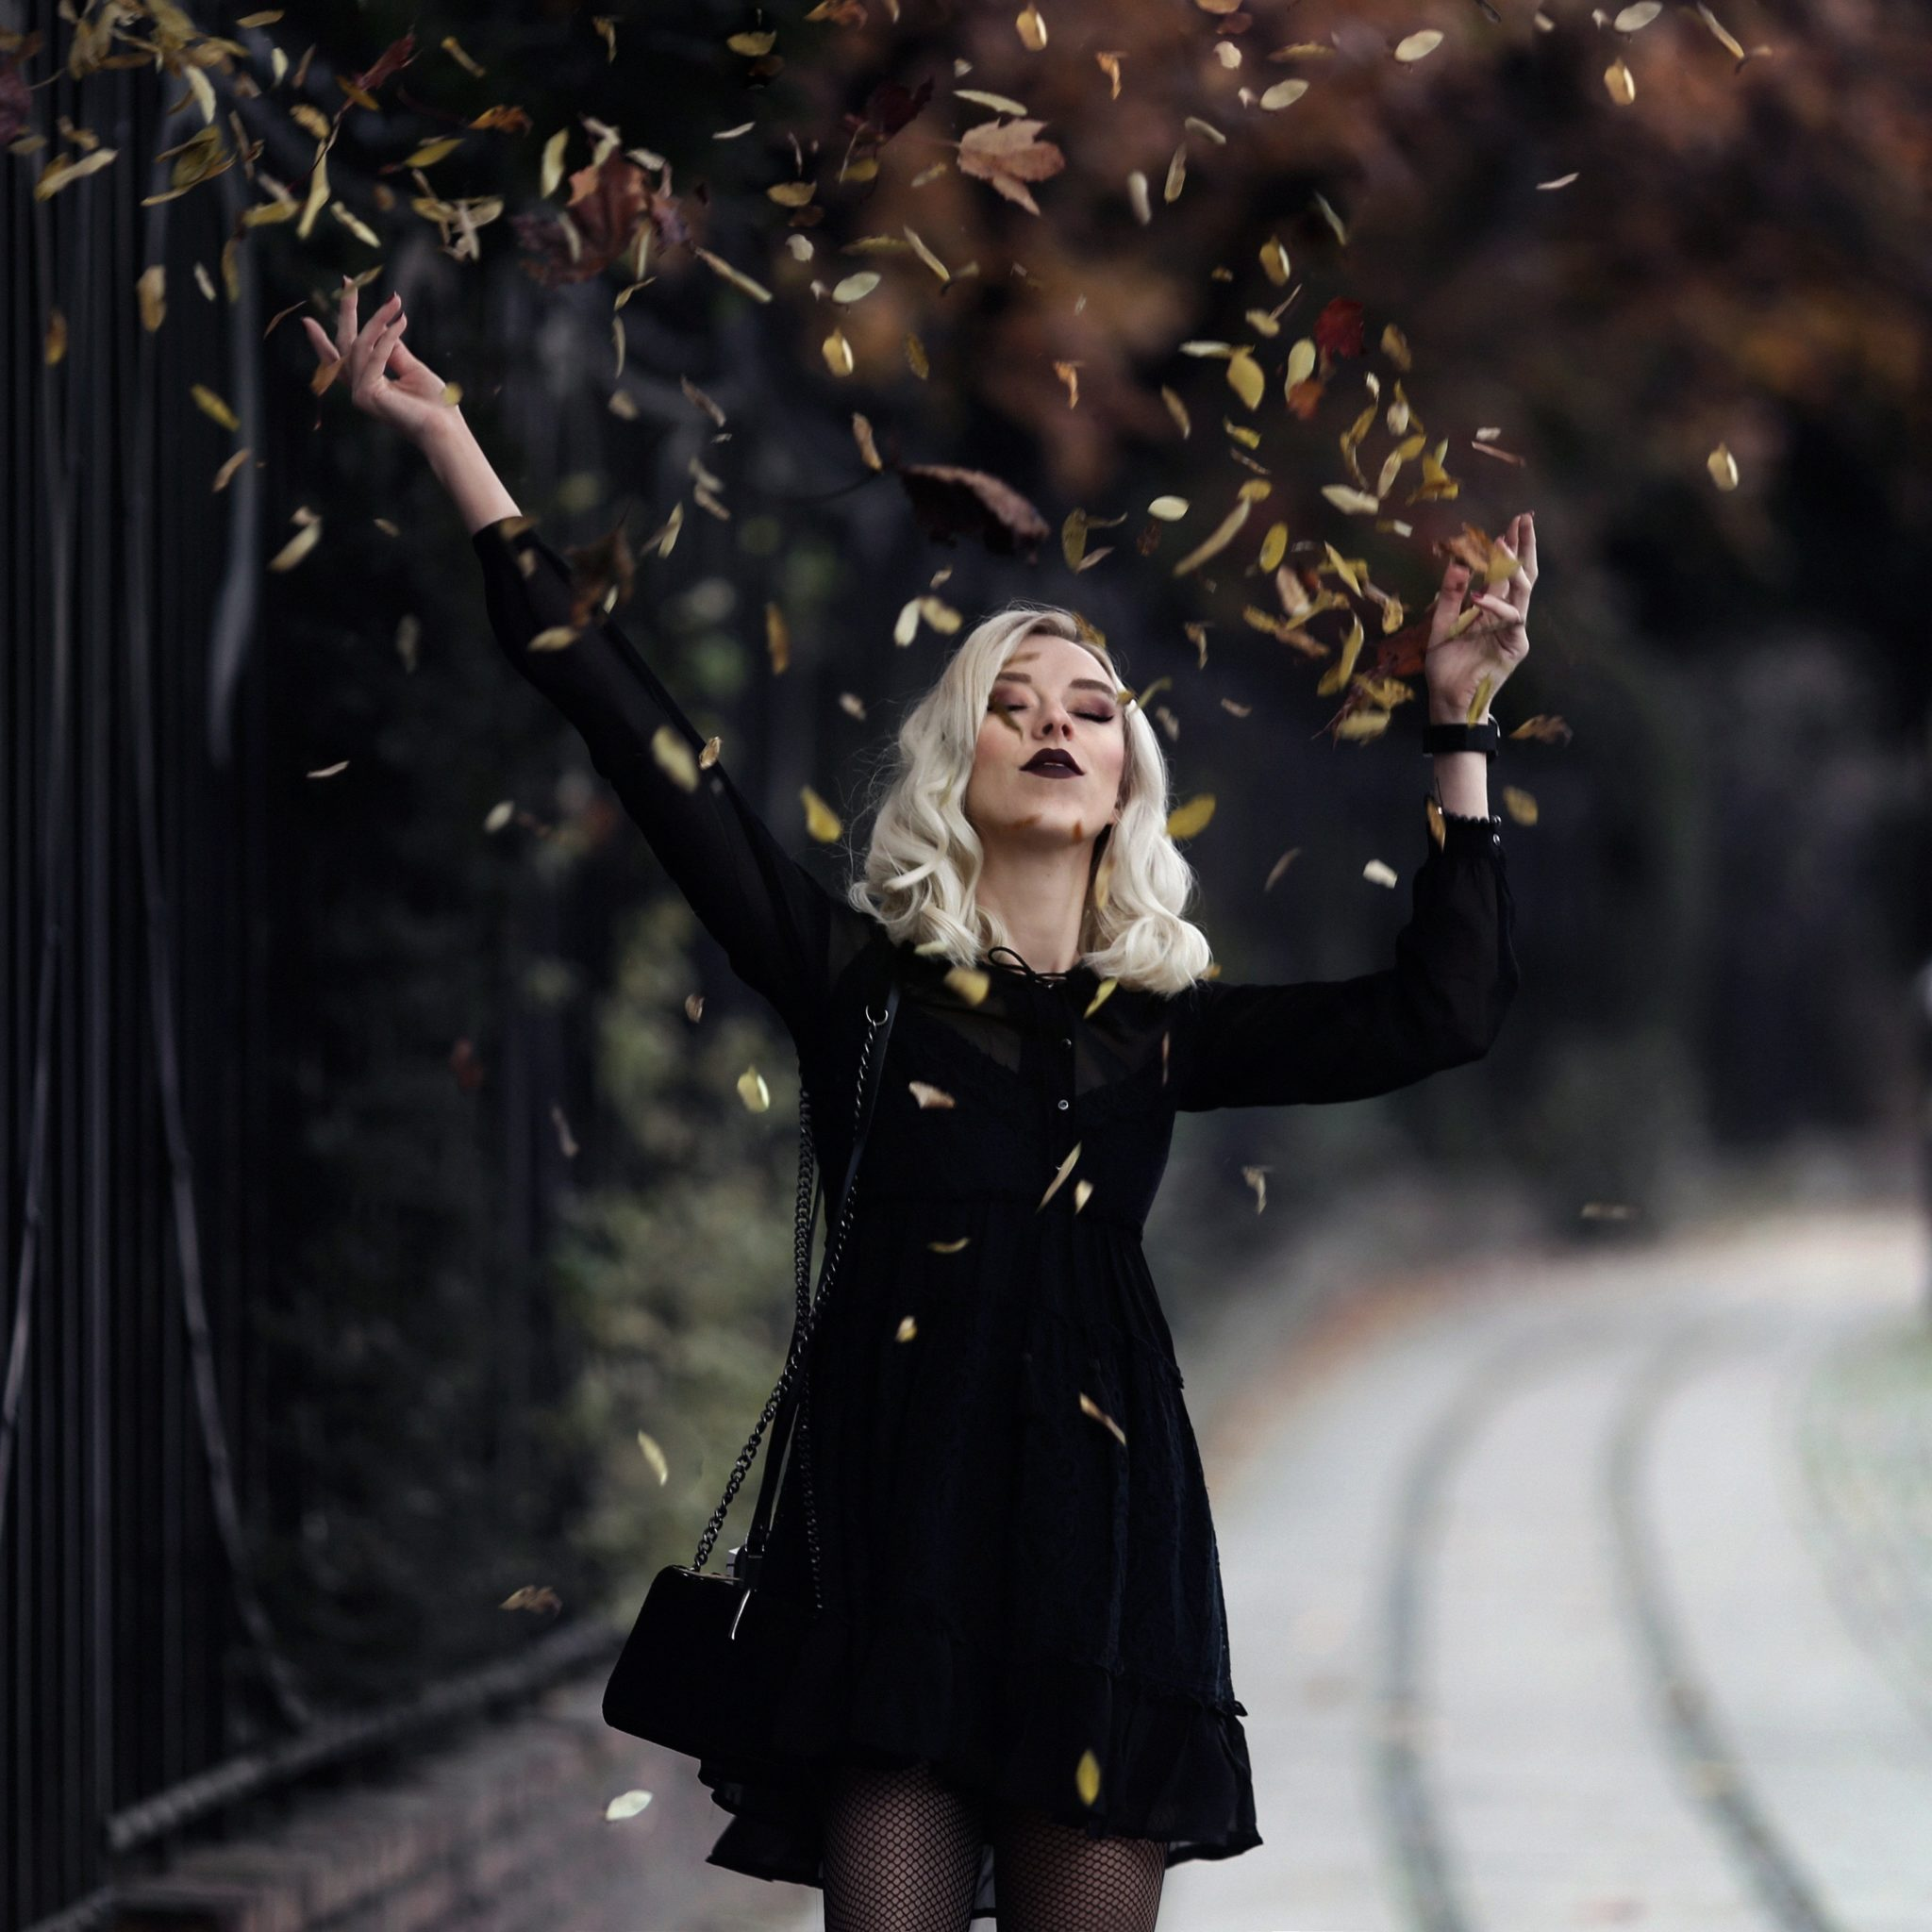 W parku stoi blondynka w czarnej sukience i podrzuca liscie do gory